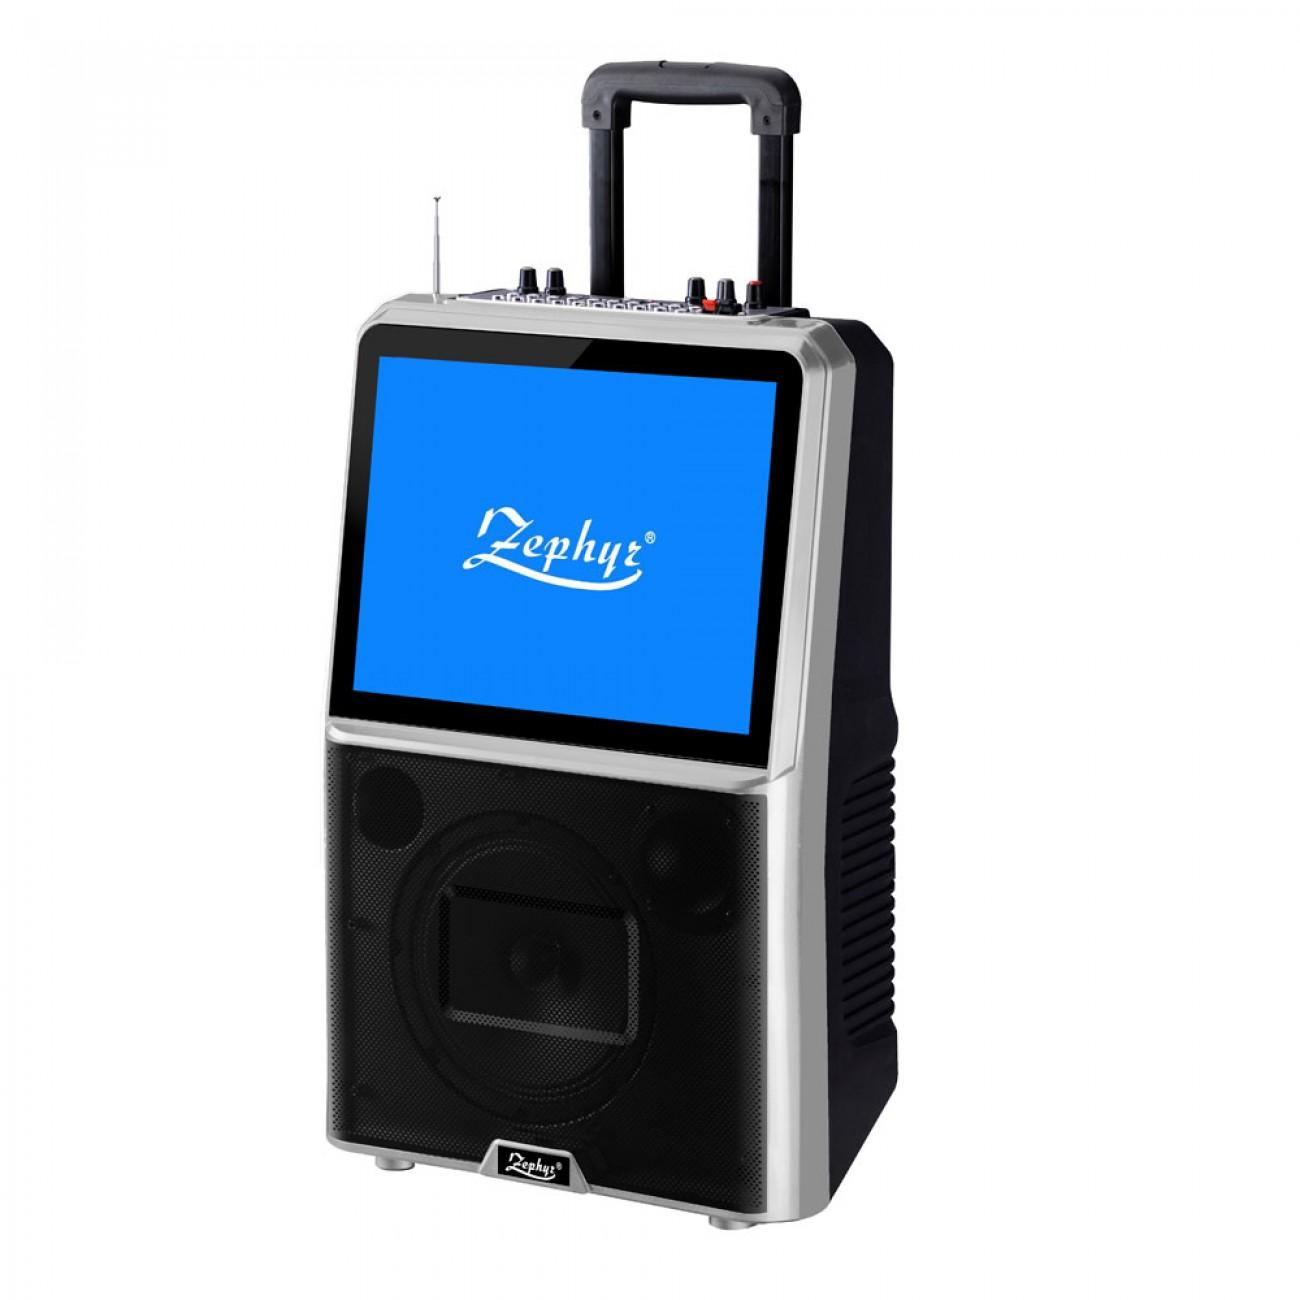 Караоке тонколона с цветен LED екран ZEPHYR ZP 9999 E, 8 инча, Активна, Bluetooth, MP3, 2 бр. безжични микрофоина, 12V/4.5Ah, Черен в Преносими караоке тонколони - ZEPHYR | Alleop